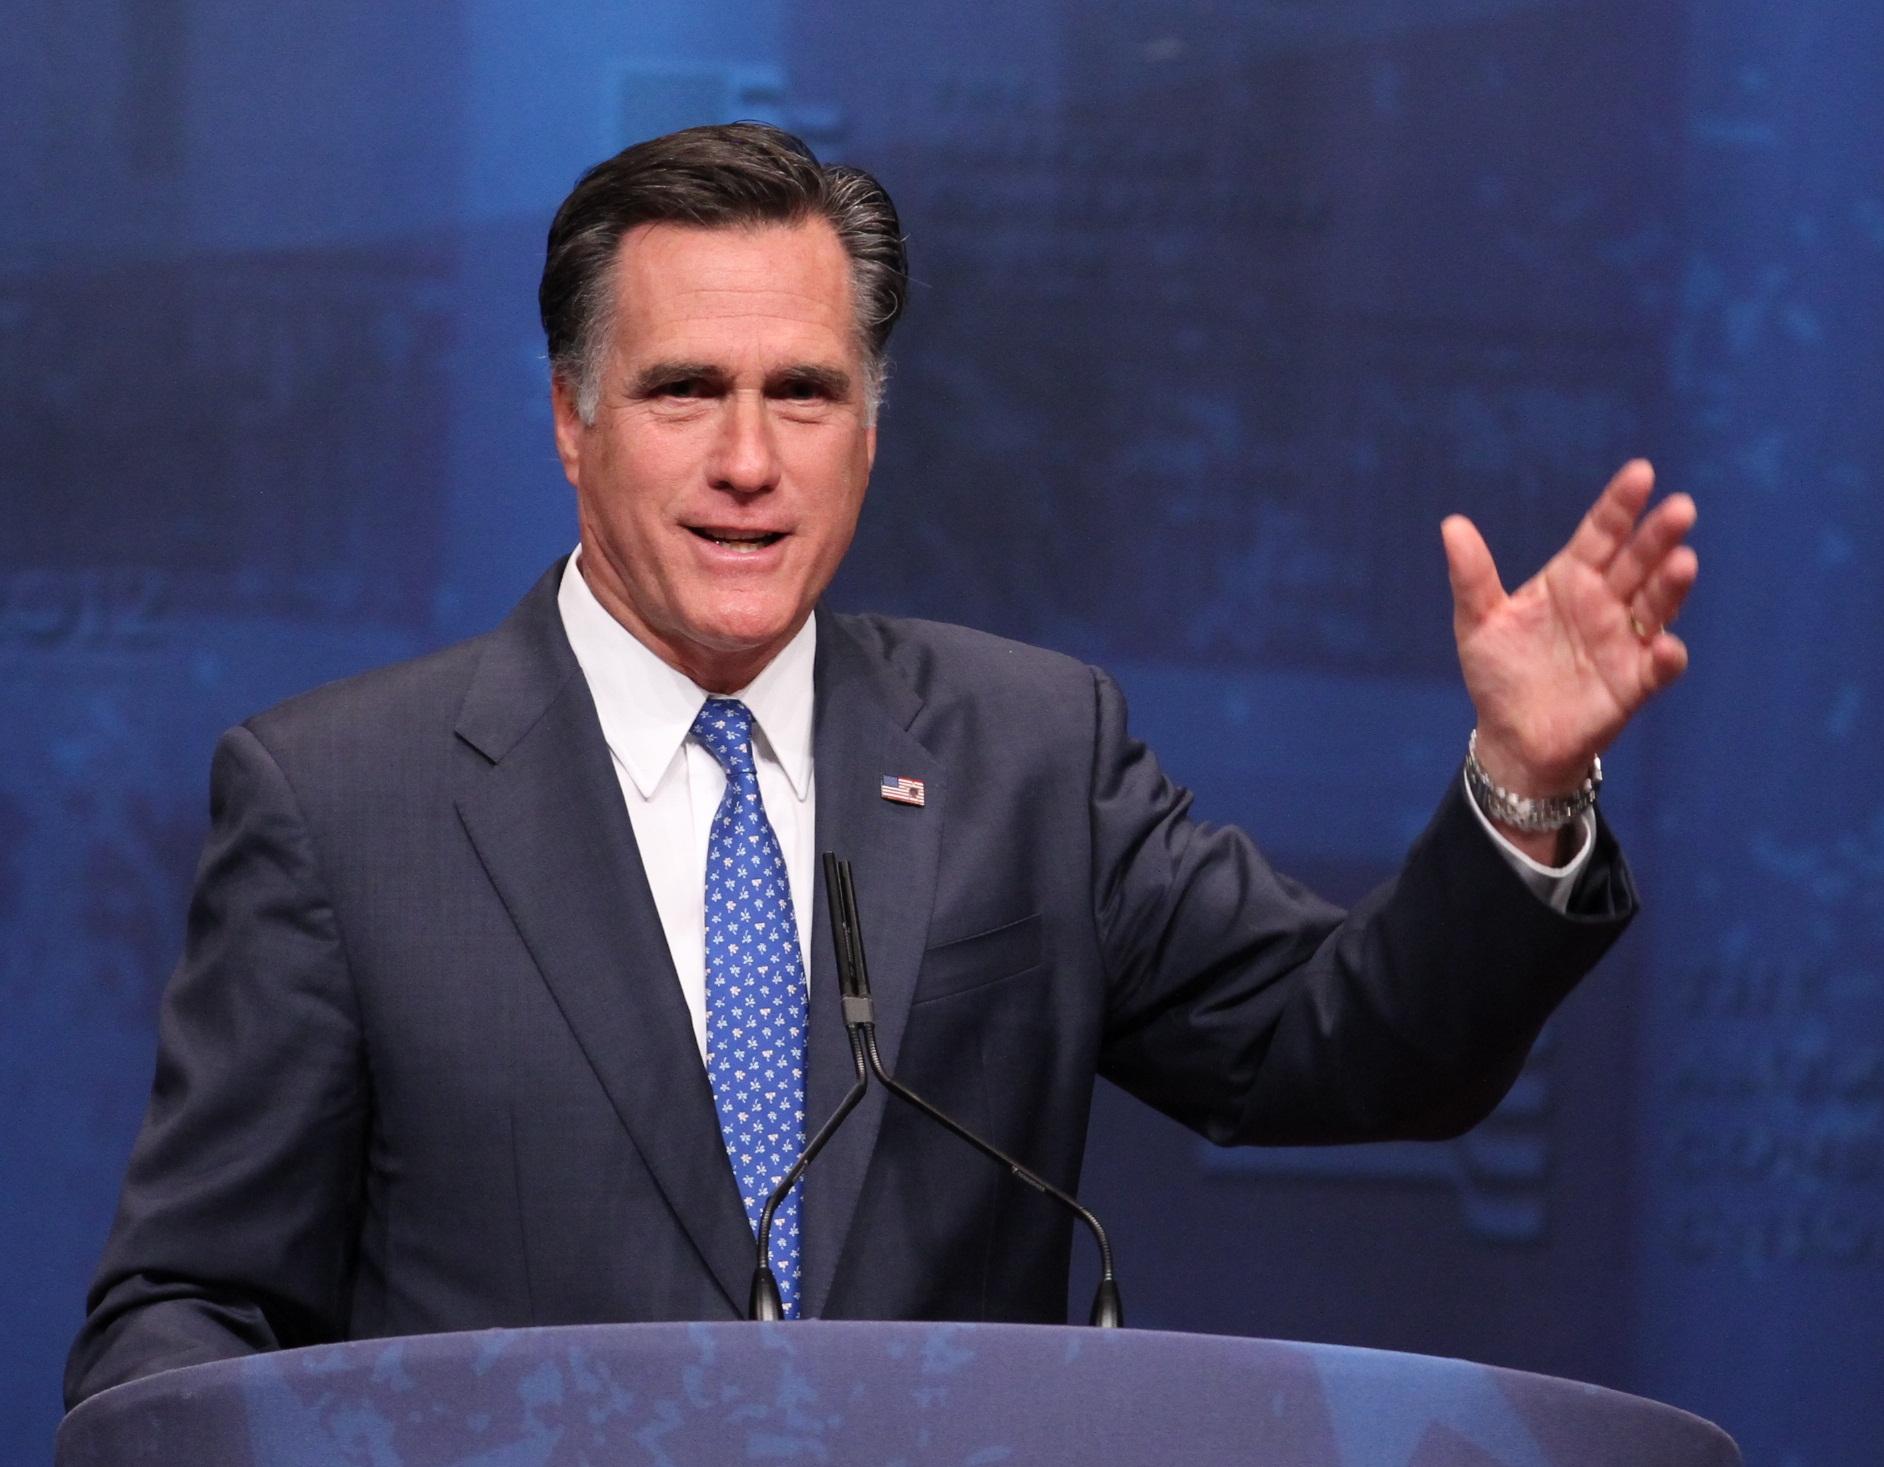 Mitt Romney Explains His Reasons for Opposing Donald Trump for President